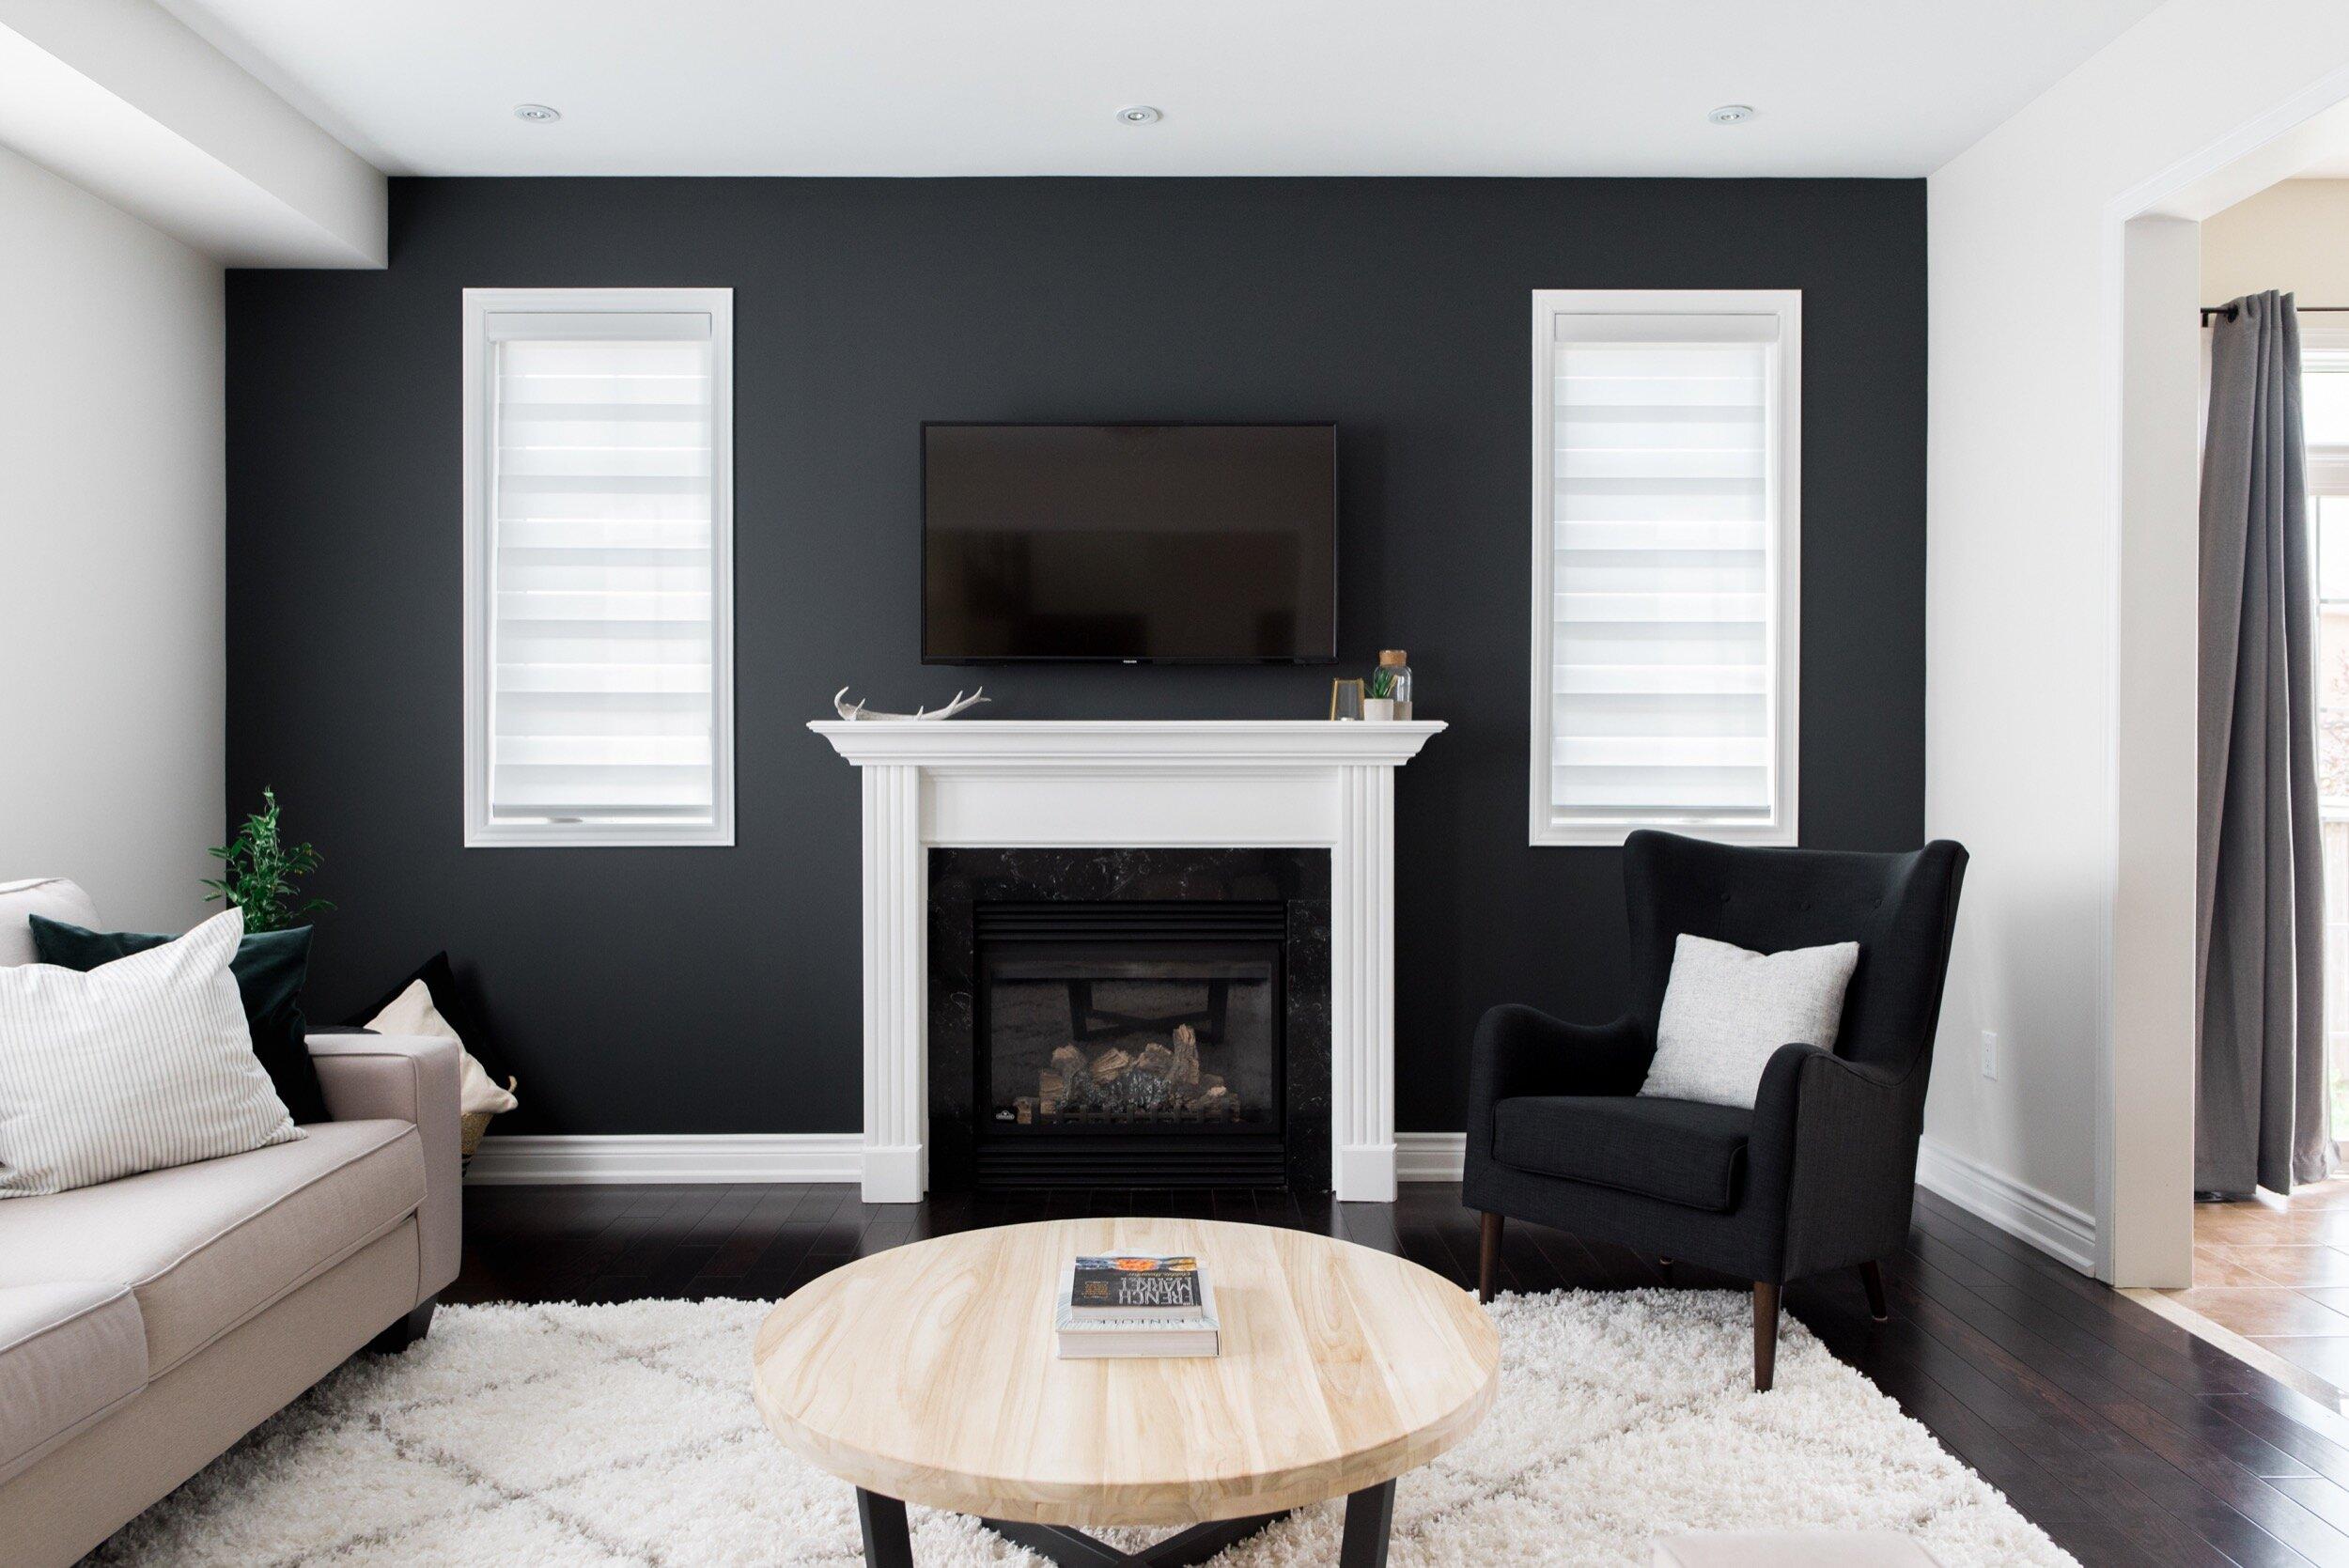 leann-ban-interior-1.jpg